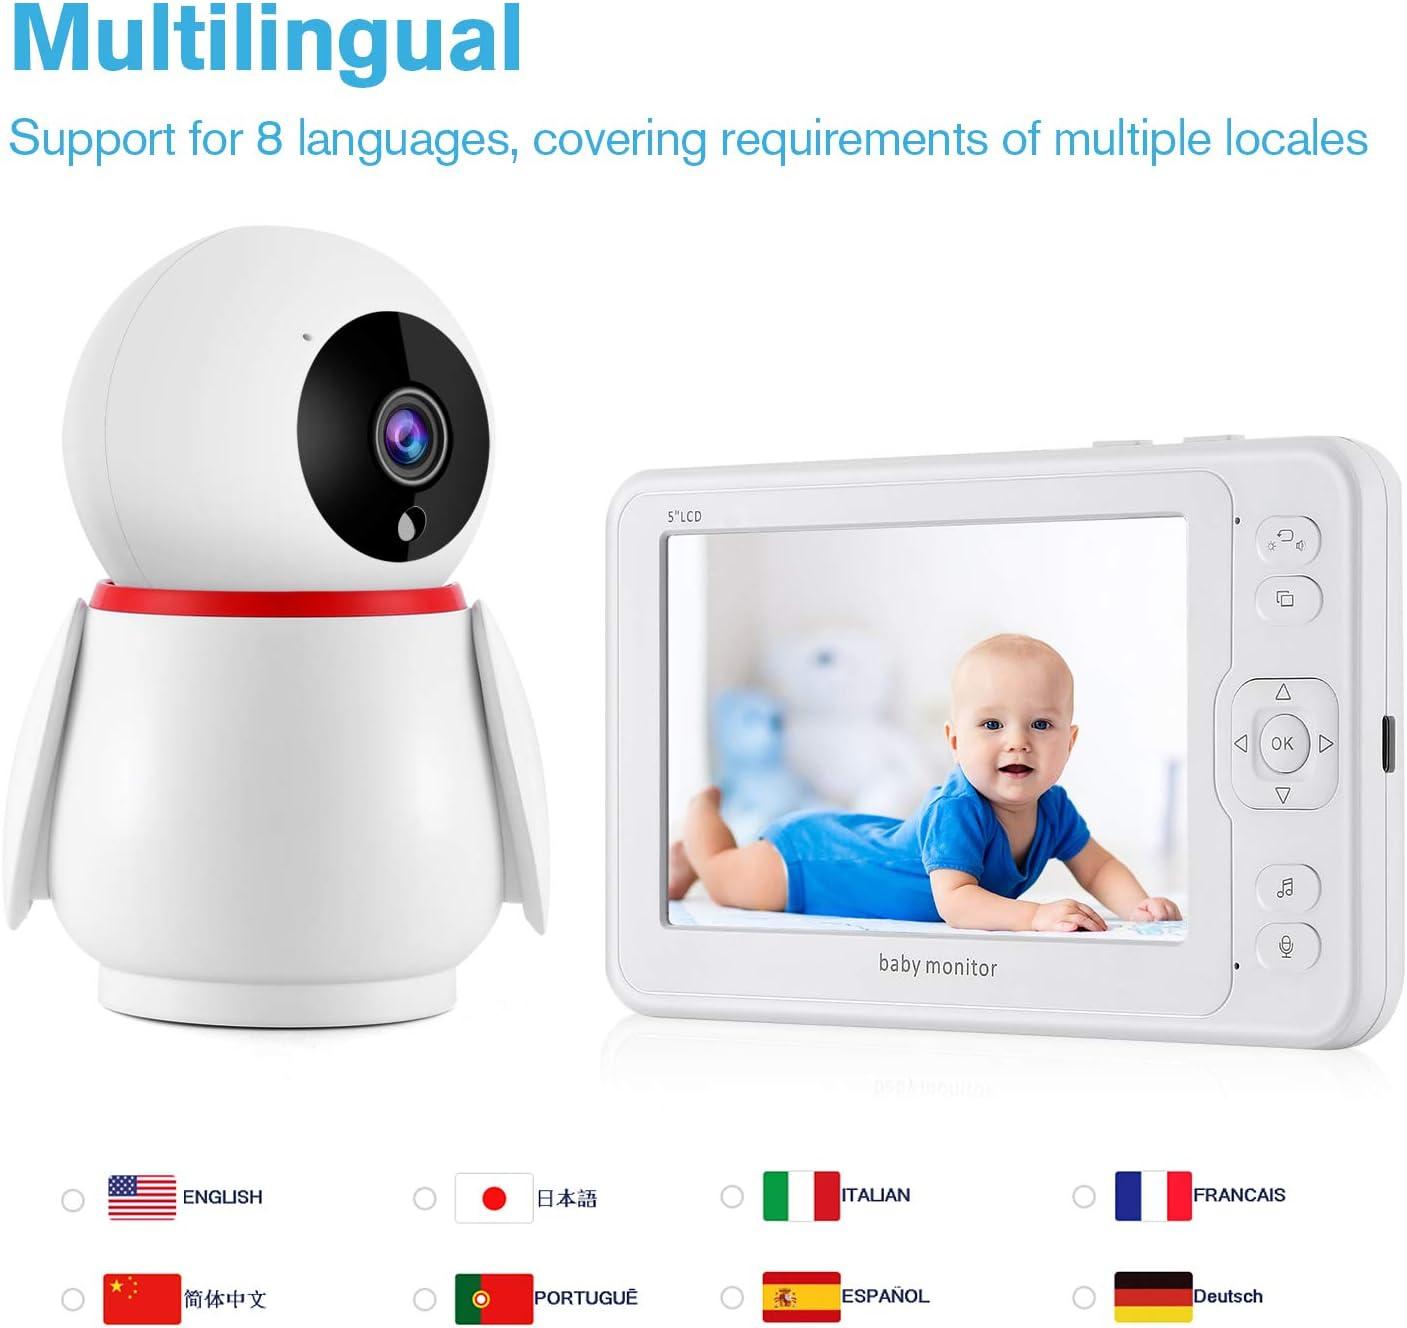 Videocamera con 5 1080P Schermo LCD 2000 mAh VOX Baby Monitor Rotazione di 355/° telecamera visione notturna,Archivio di registrazione video,Interfono Monitoraggio Della Temperatura ninna nanna